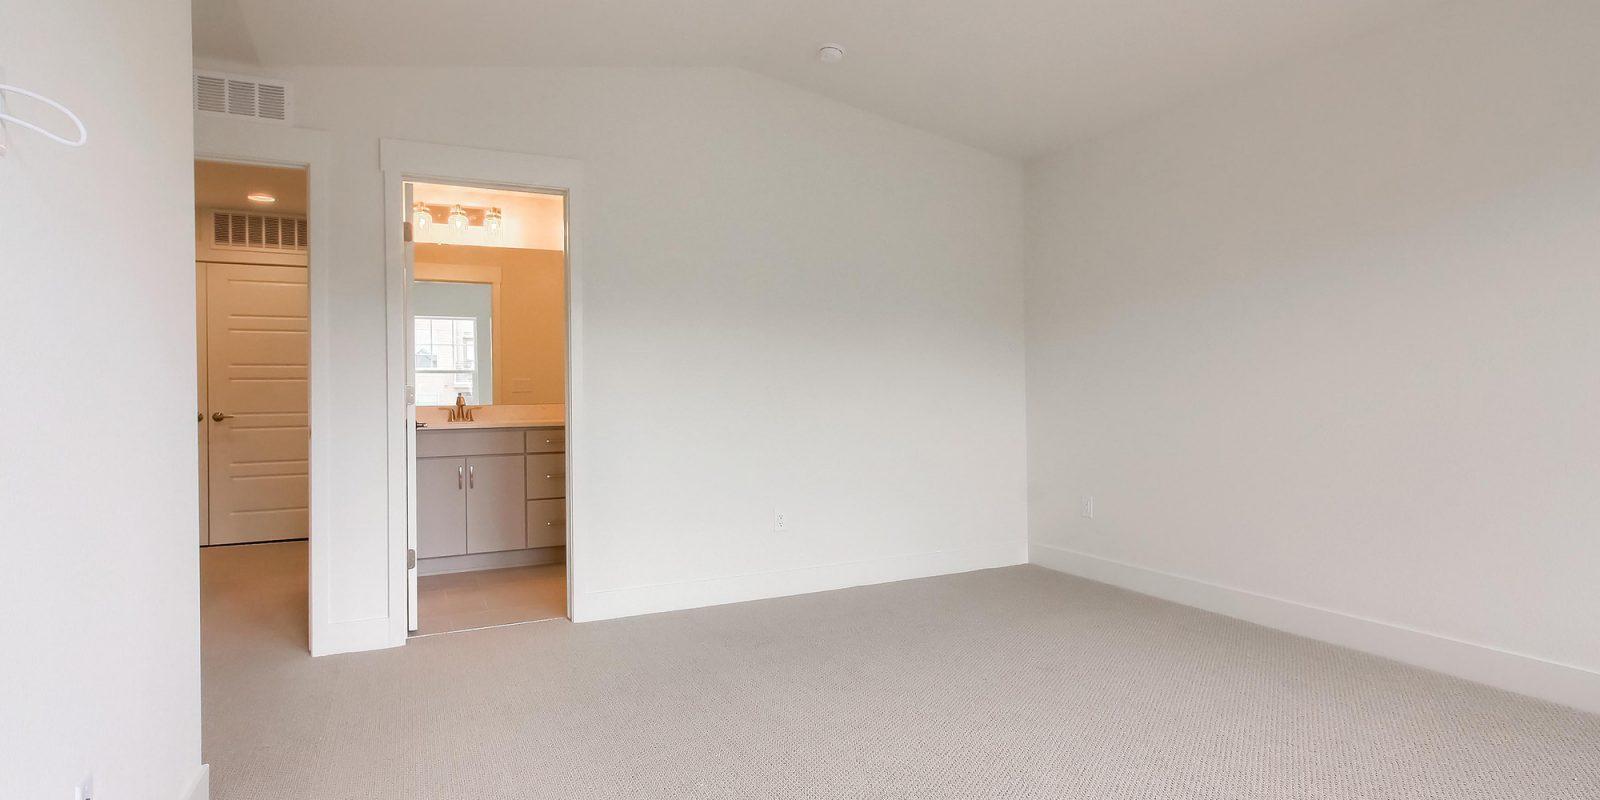 Arista: Uptown - Master Bedroom